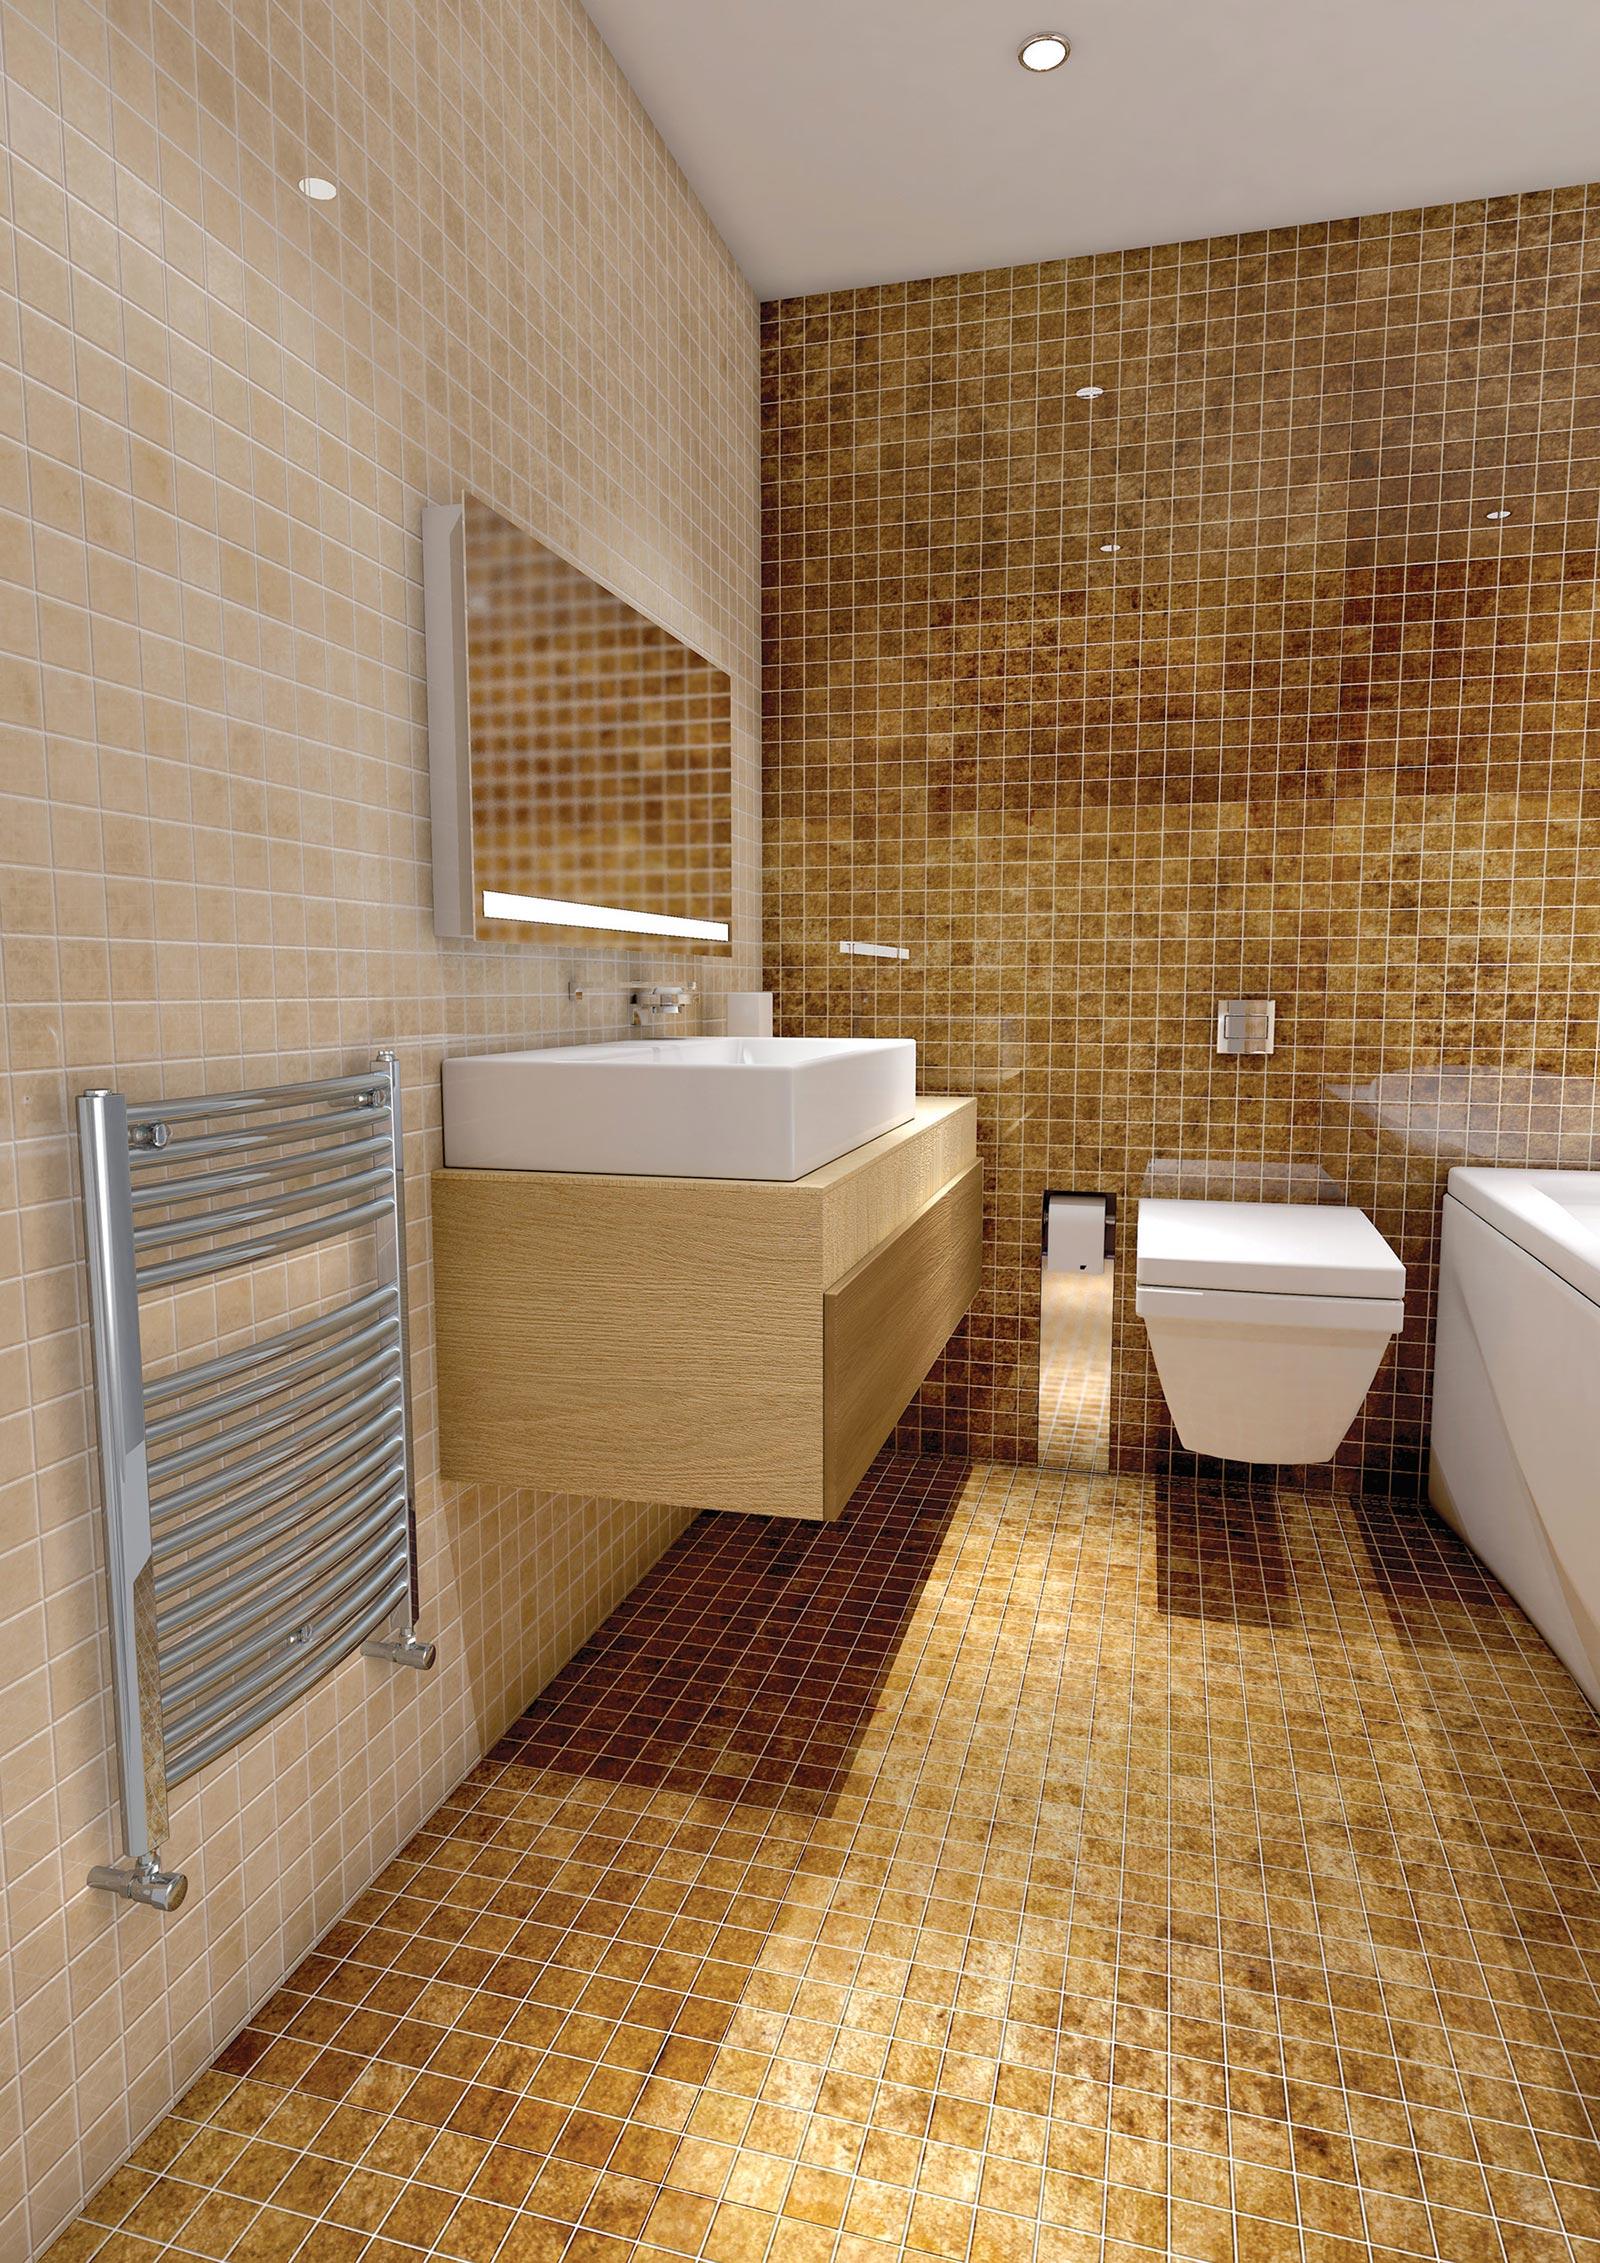 Towel rail heated towel rail stelrad - Heated towel racks for bathrooms ...